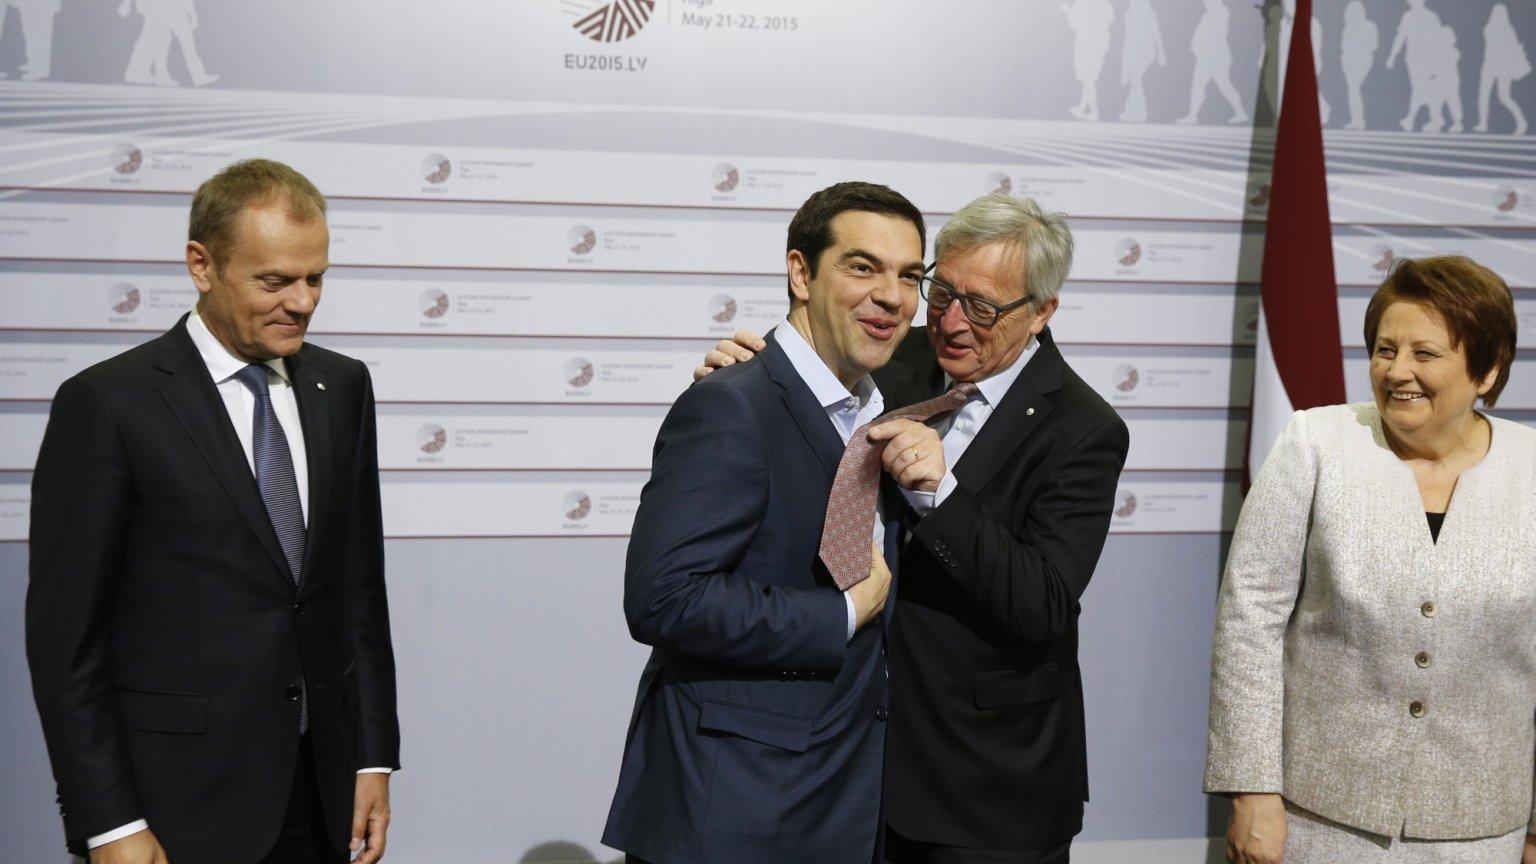 Przewodniczący Komisji Europejskiej Jean - Claude Juncker przymierza swój krawat greckiemu premierowi Aleksisowi Tsiprasowi